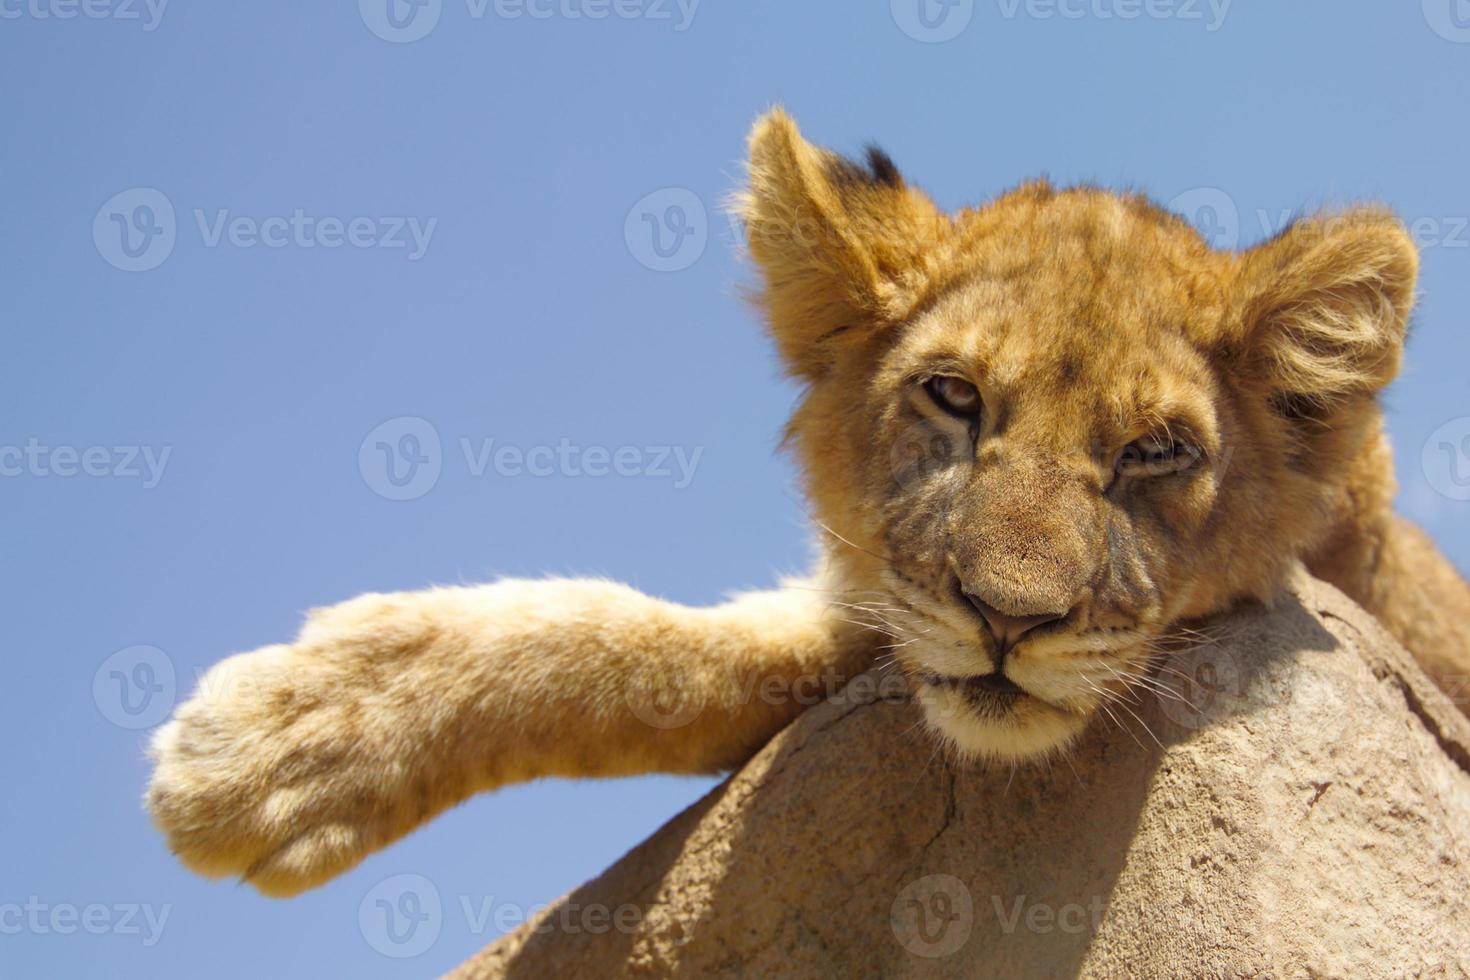 cucciolo di leone pigro foto